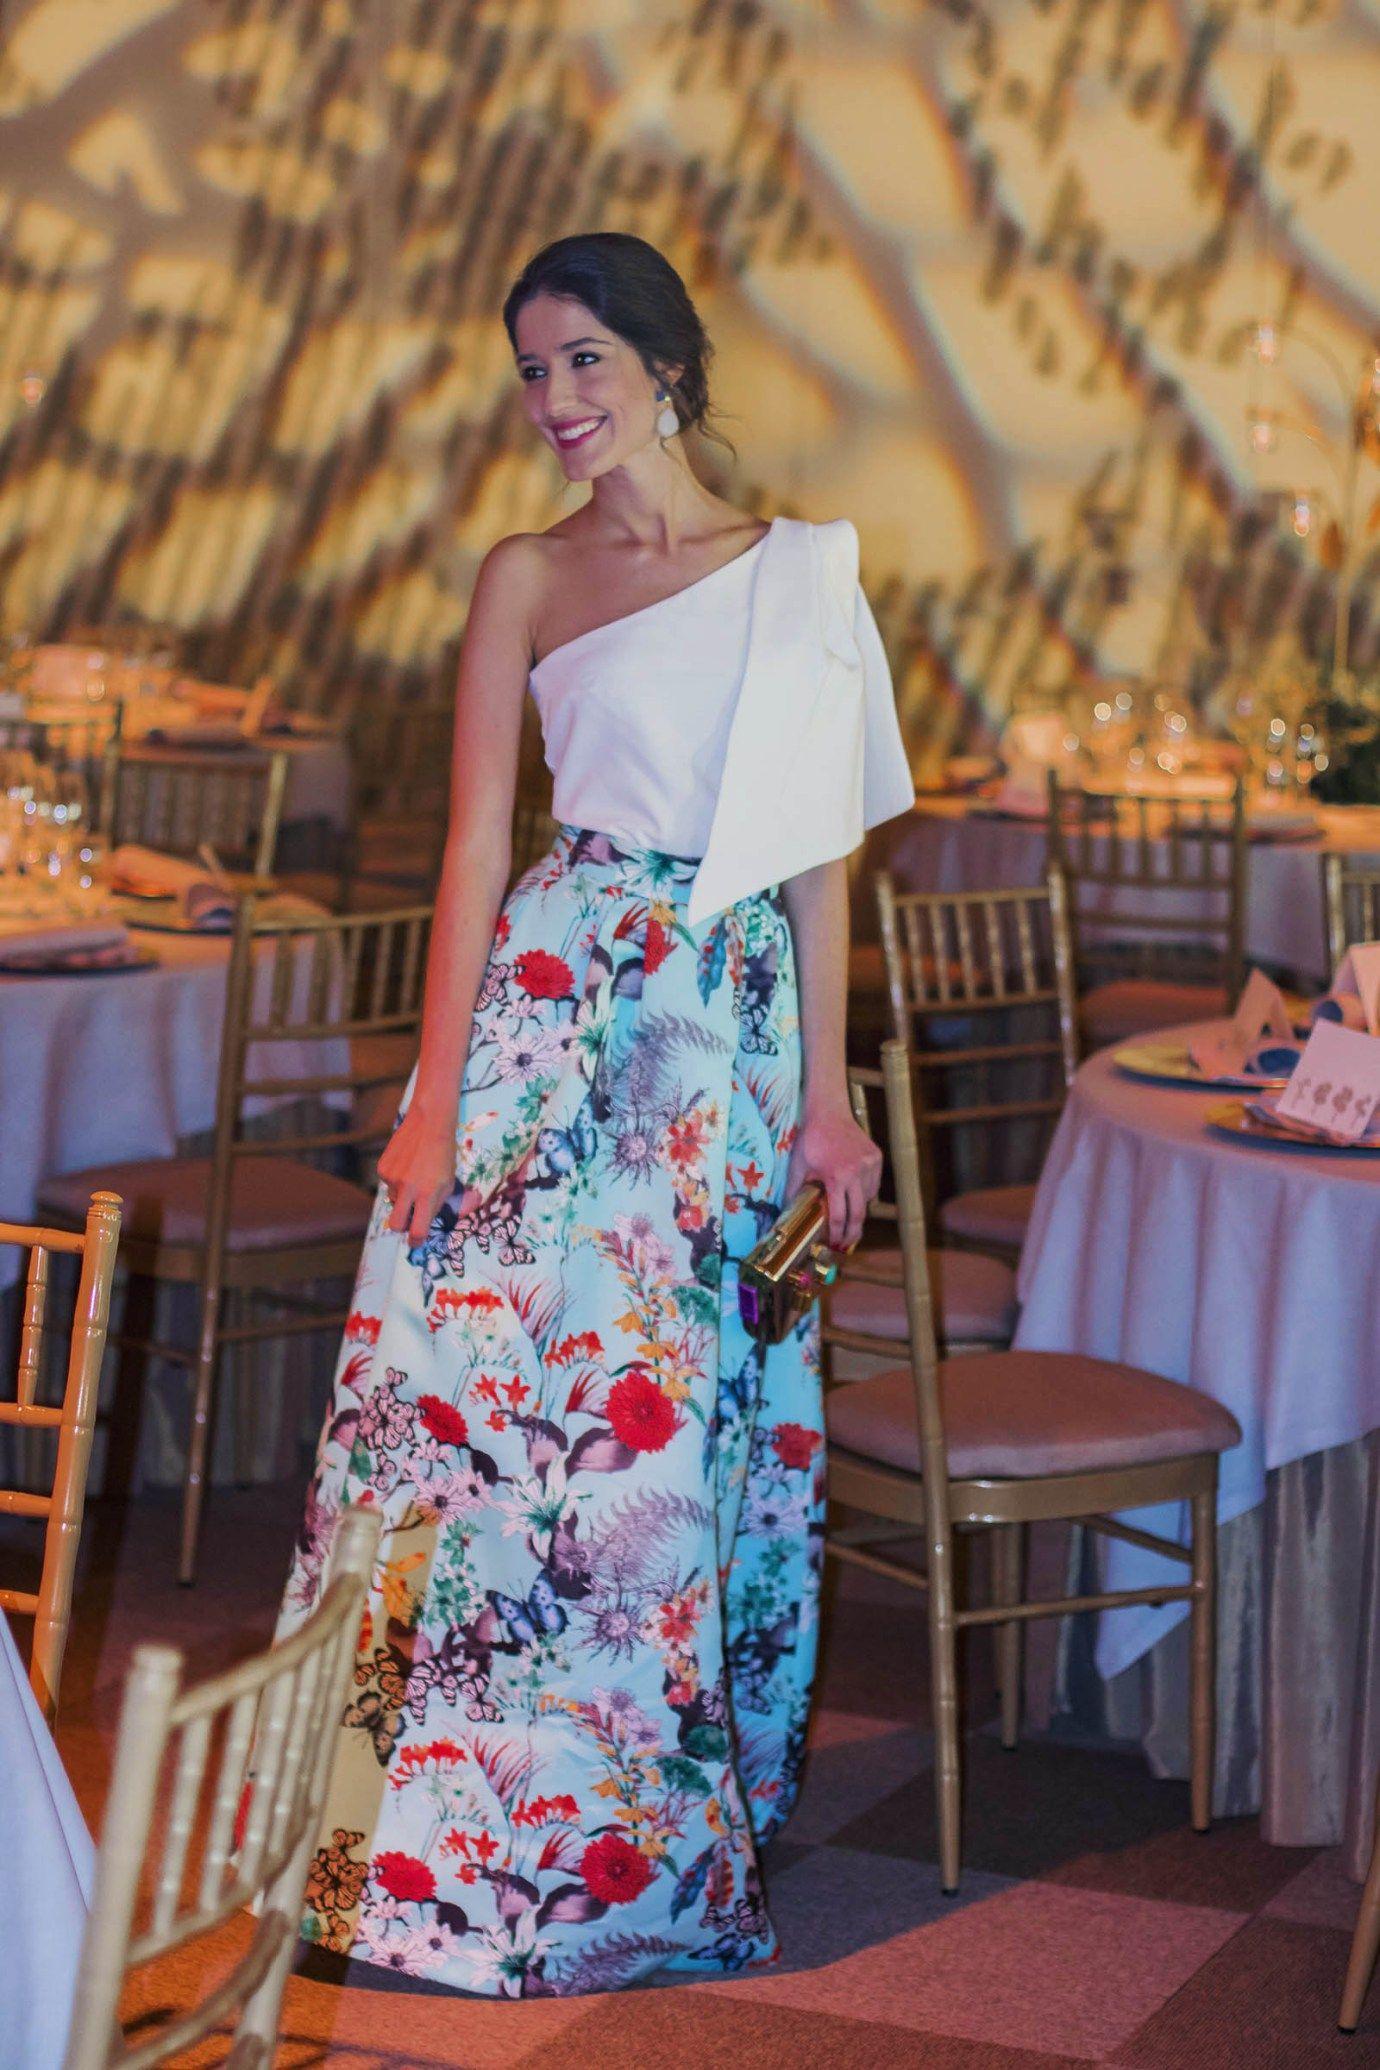 0251e9abb9f3 Invitada boda tarde noche falda estapada volumen Apparentia ...